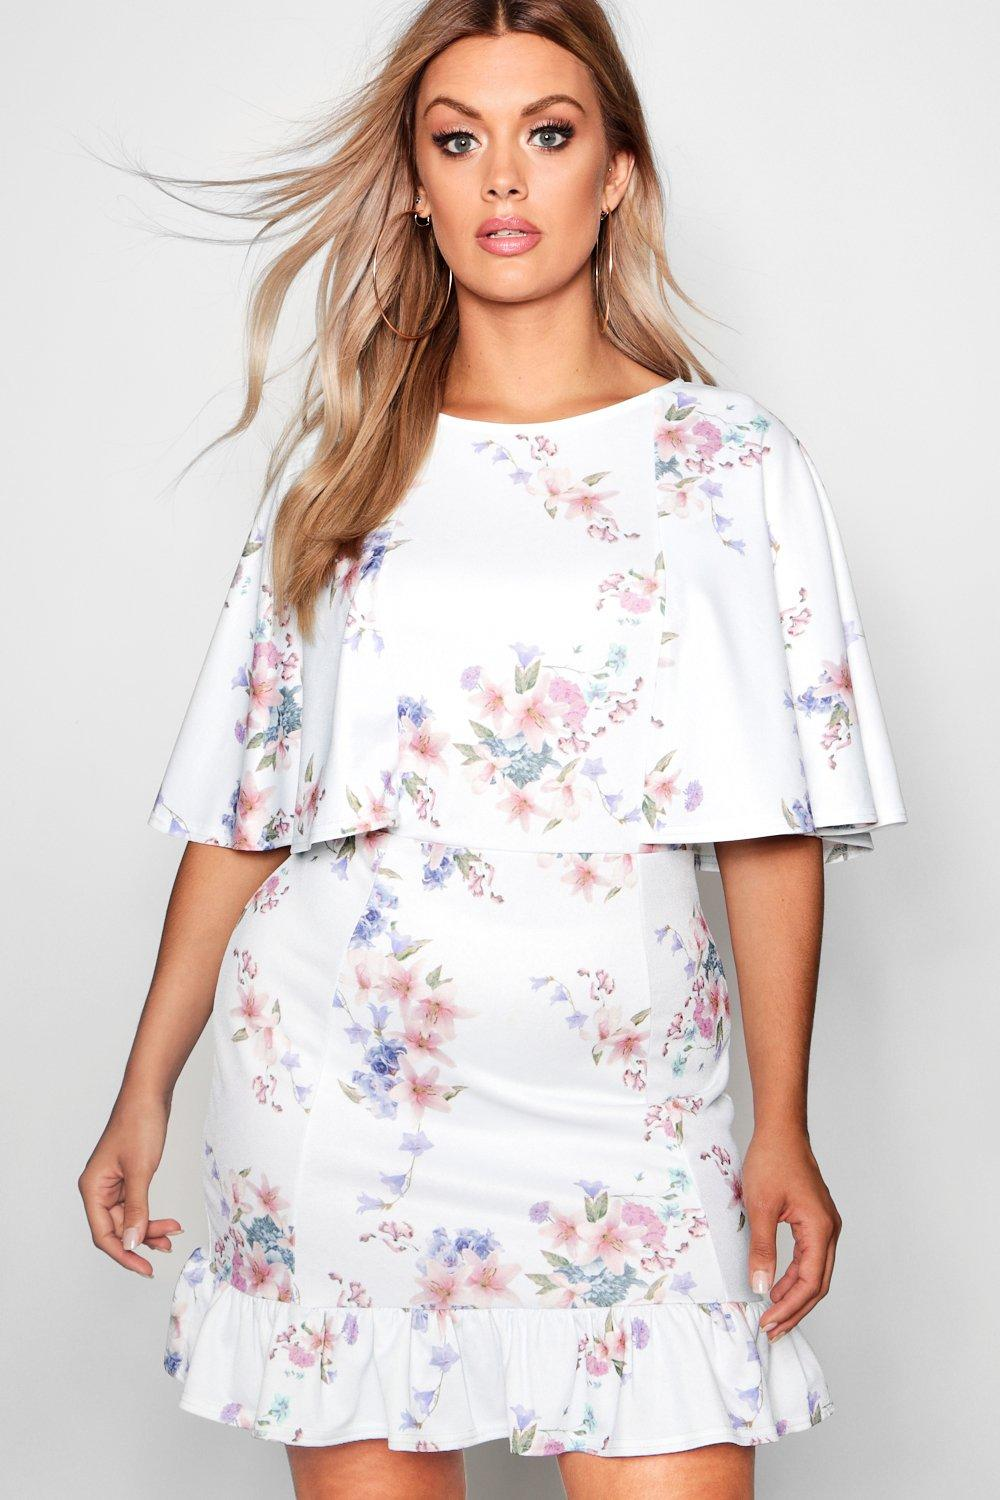 Boohoo Buy It Now, Take It Always Vestido de corte recto con detalle de capa floral Amy Plus Boohoo - Ropa boohoo plus y curve Comprar ANIGSOG